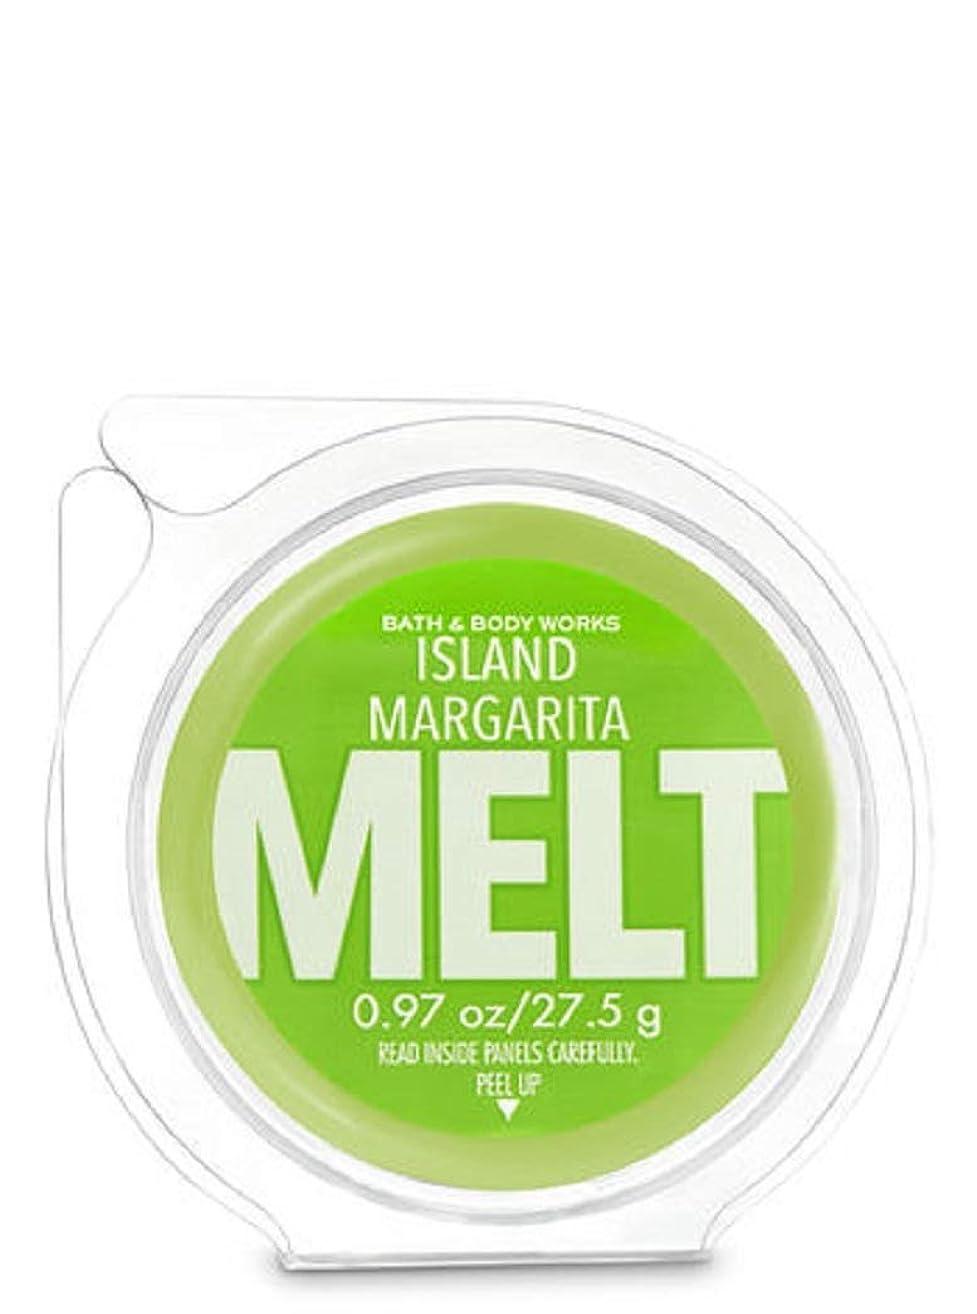 人柄不安遡る【Bath&Body Works/バス&ボディワークス】 フレグランスメルト タルト ワックスポプリ アイランドマルガリータ Wax Fragrance Melt Island Margarita 0.97oz / 27.5g